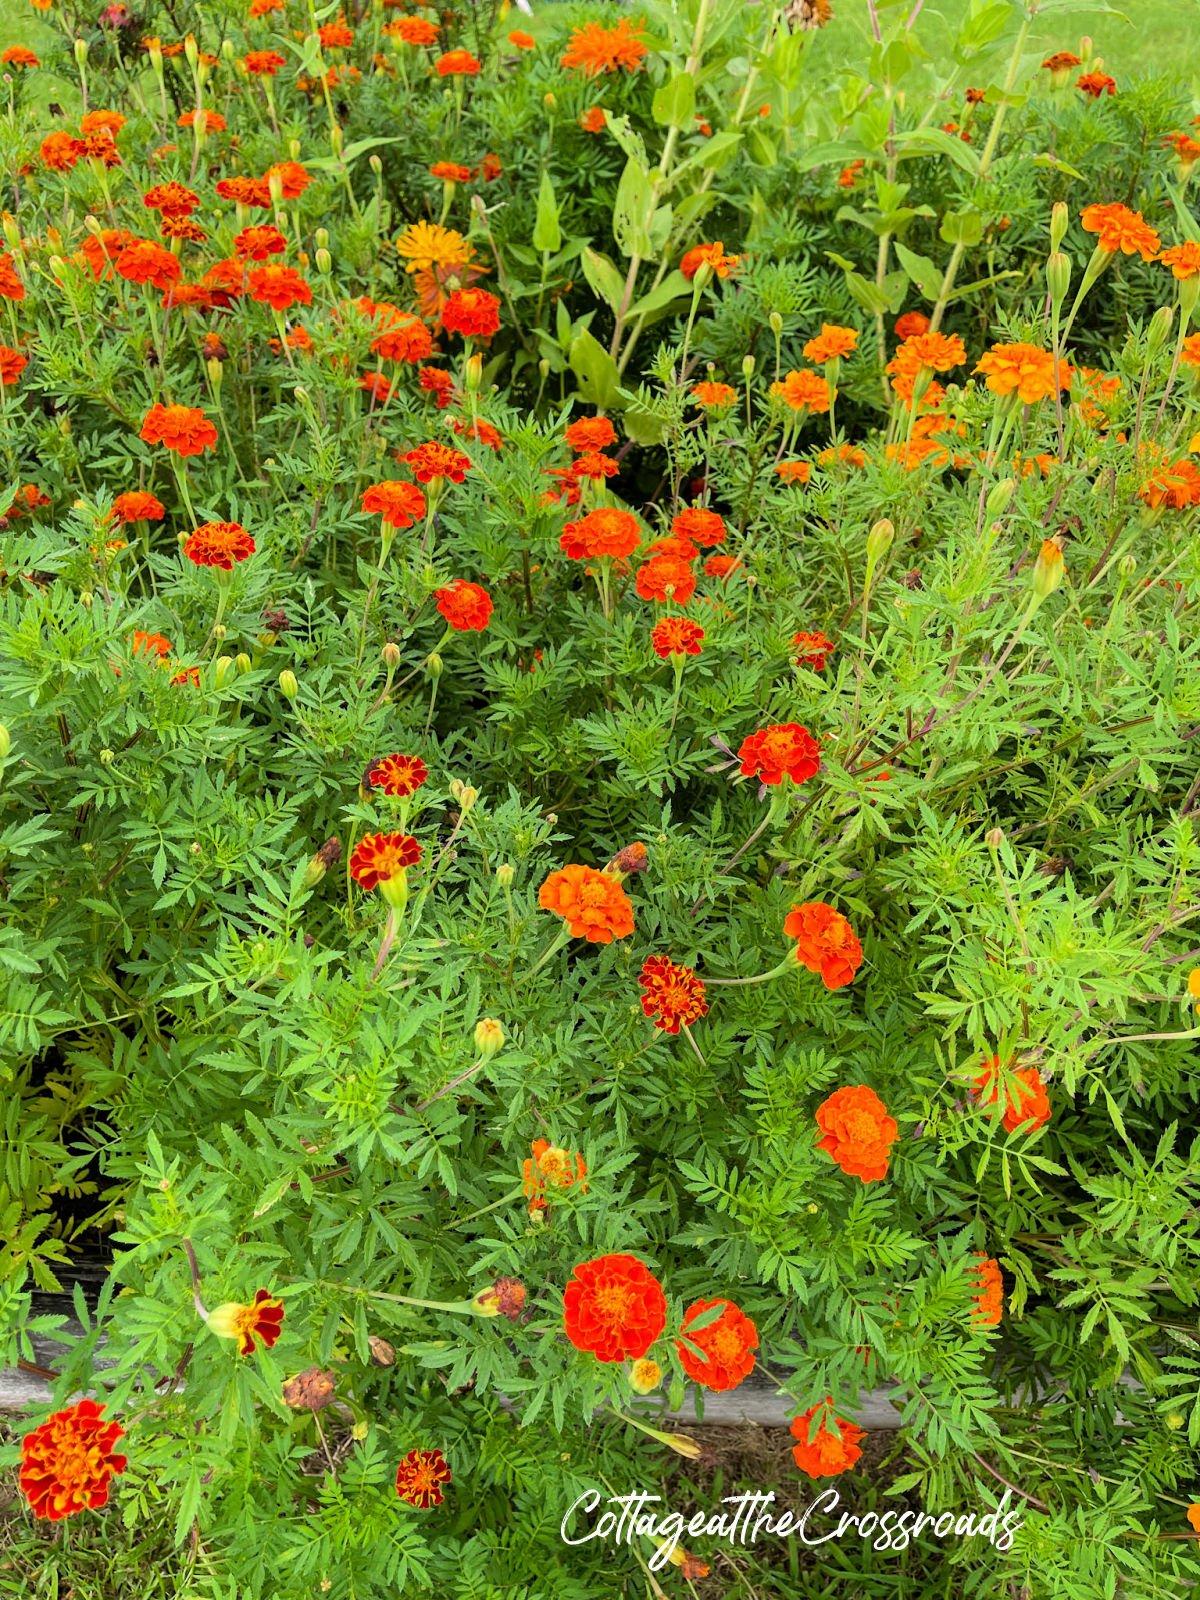 orange marigolds in the vegetable garden